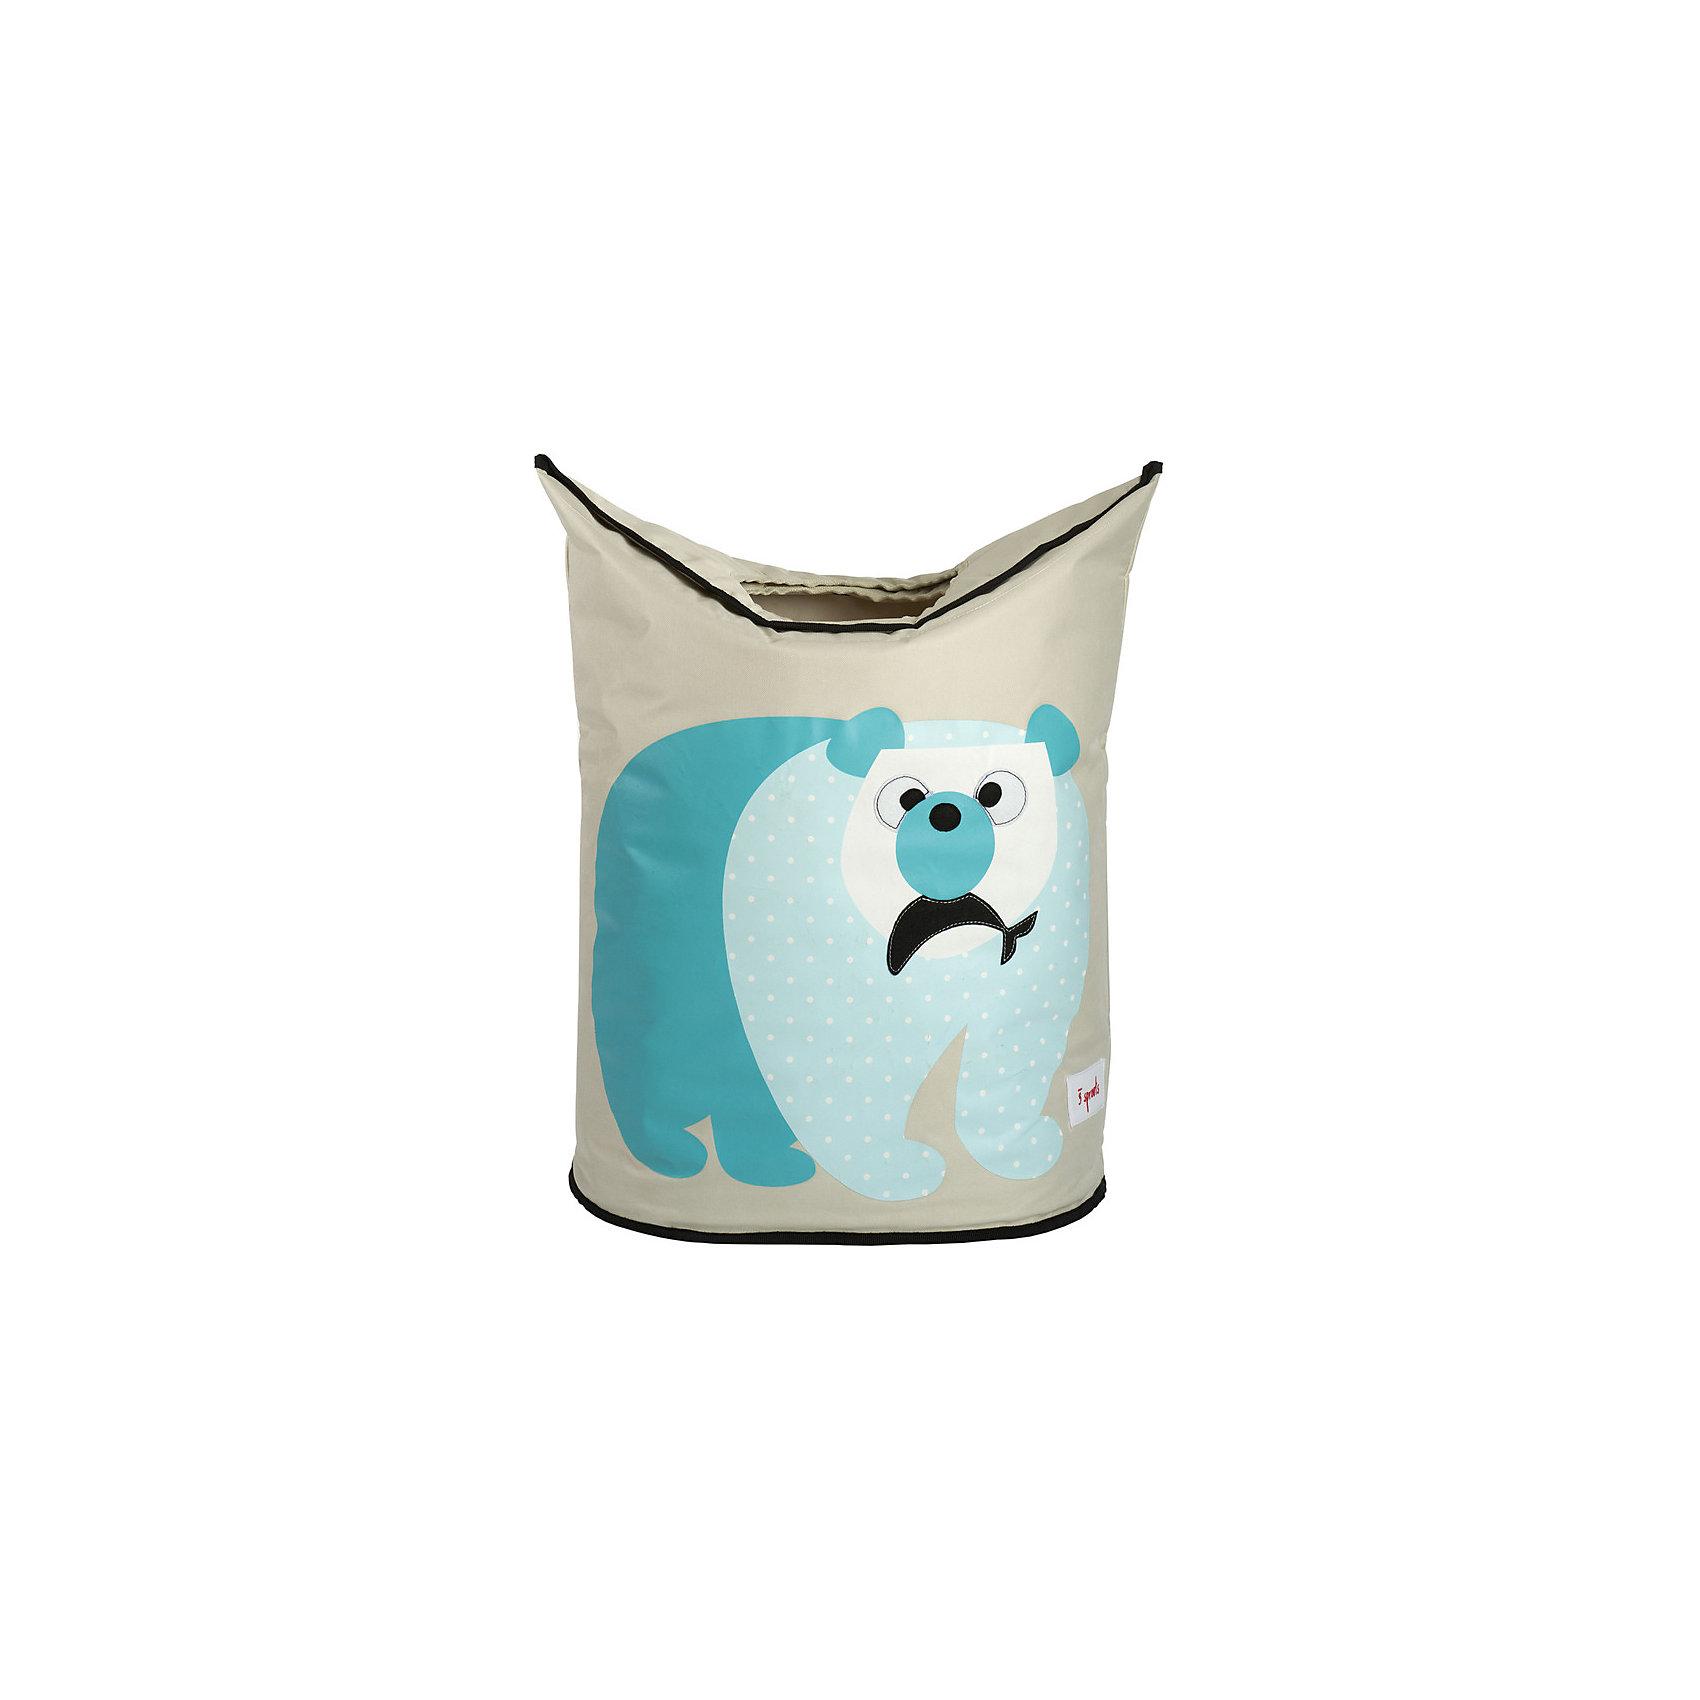 Корзина для белья Белый мишка (Blue Polar Bear), 3 SproutsВанная комната<br>Стильная корзина для хранения белья будет прекрасным декором в Вашей комнате!<br><br>Дополнительная информация:<br><br>- Размер: 56х48х28 см.<br>- Материал: полиэстер, полипропилен.<br>- Орнамент: Белый мишка.<br><br>Купить корзину для белья Белый мишка (Blue Polar Bear), можно в нашем магазине.<br><br>Ширина мм: 600<br>Глубина мм: 20<br>Высота мм: 40<br>Вес г: 554<br>Возраст от месяцев: 0<br>Возраст до месяцев: 588<br>Пол: Унисекс<br>Возраст: Детский<br>SKU: 5098239